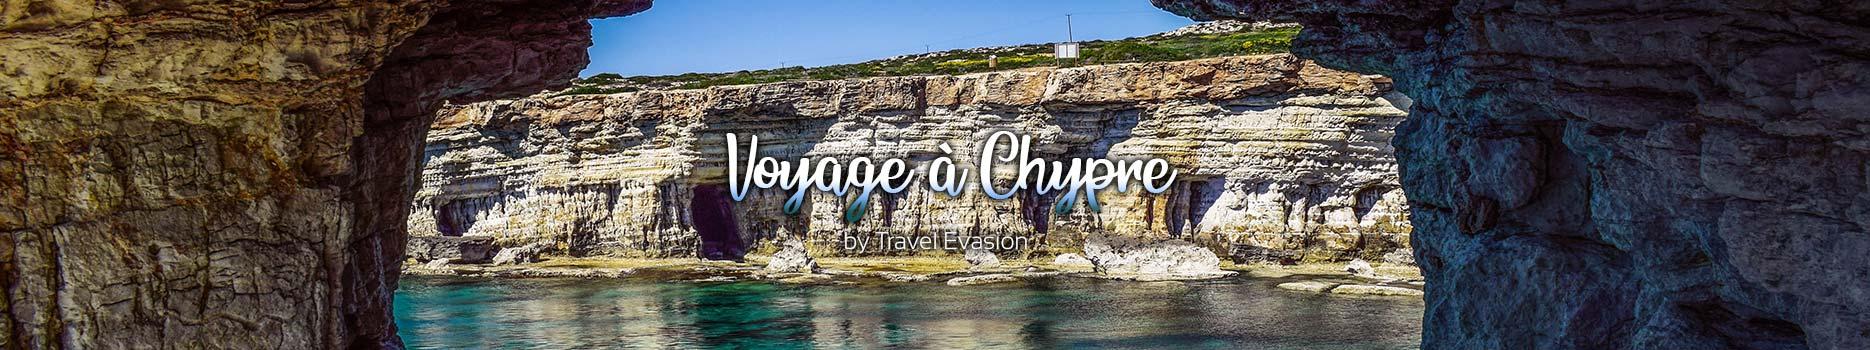 Séjours à Chypre pas cher. Un voyage a Chypre inoubliable avec Travel Evasion